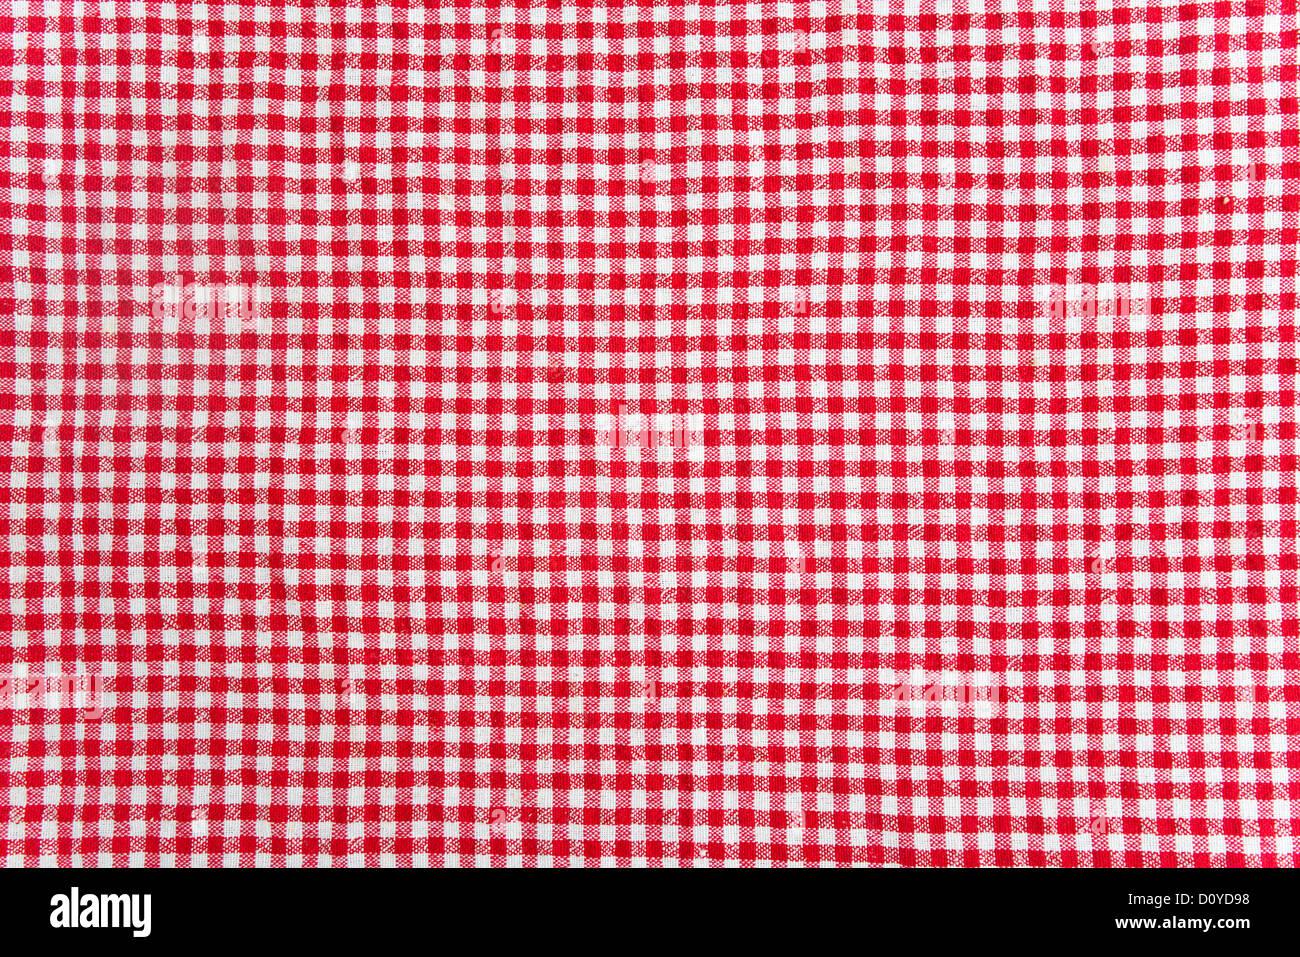 rote und weiße Tabelle Tuch Textur. Zusammenfassung Hintergrund Stockbild